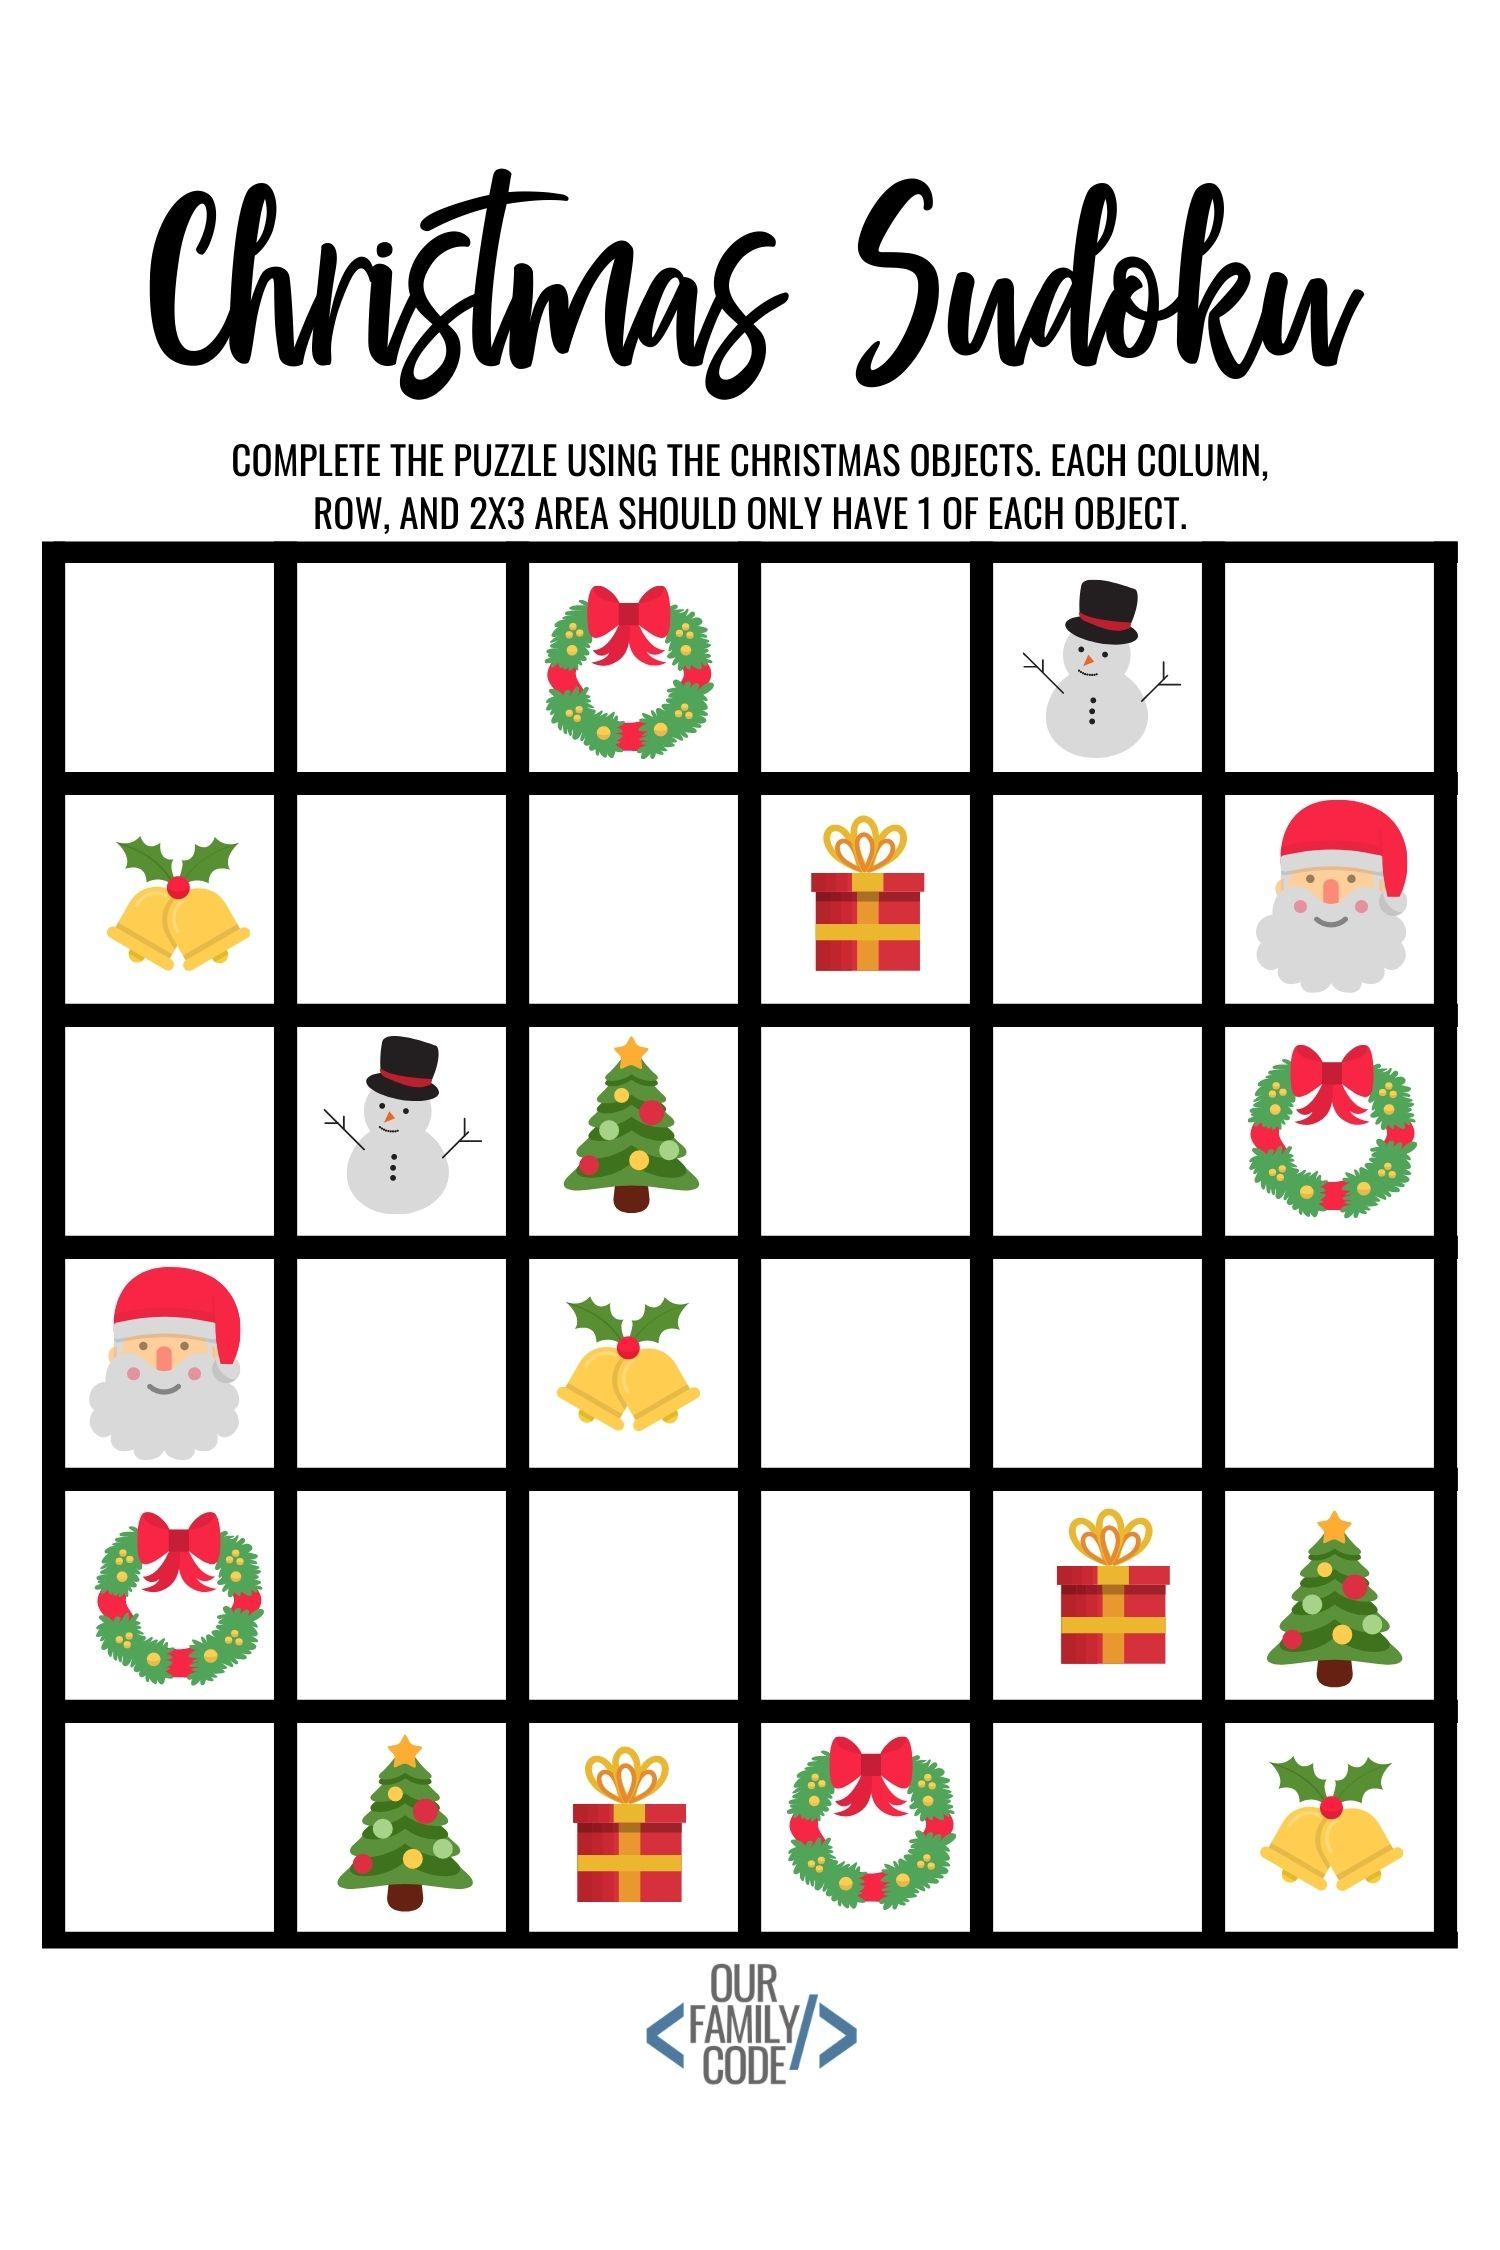 Christmas Sudoku.Christmas Sudoku Logical Reasoning Activity For Kids